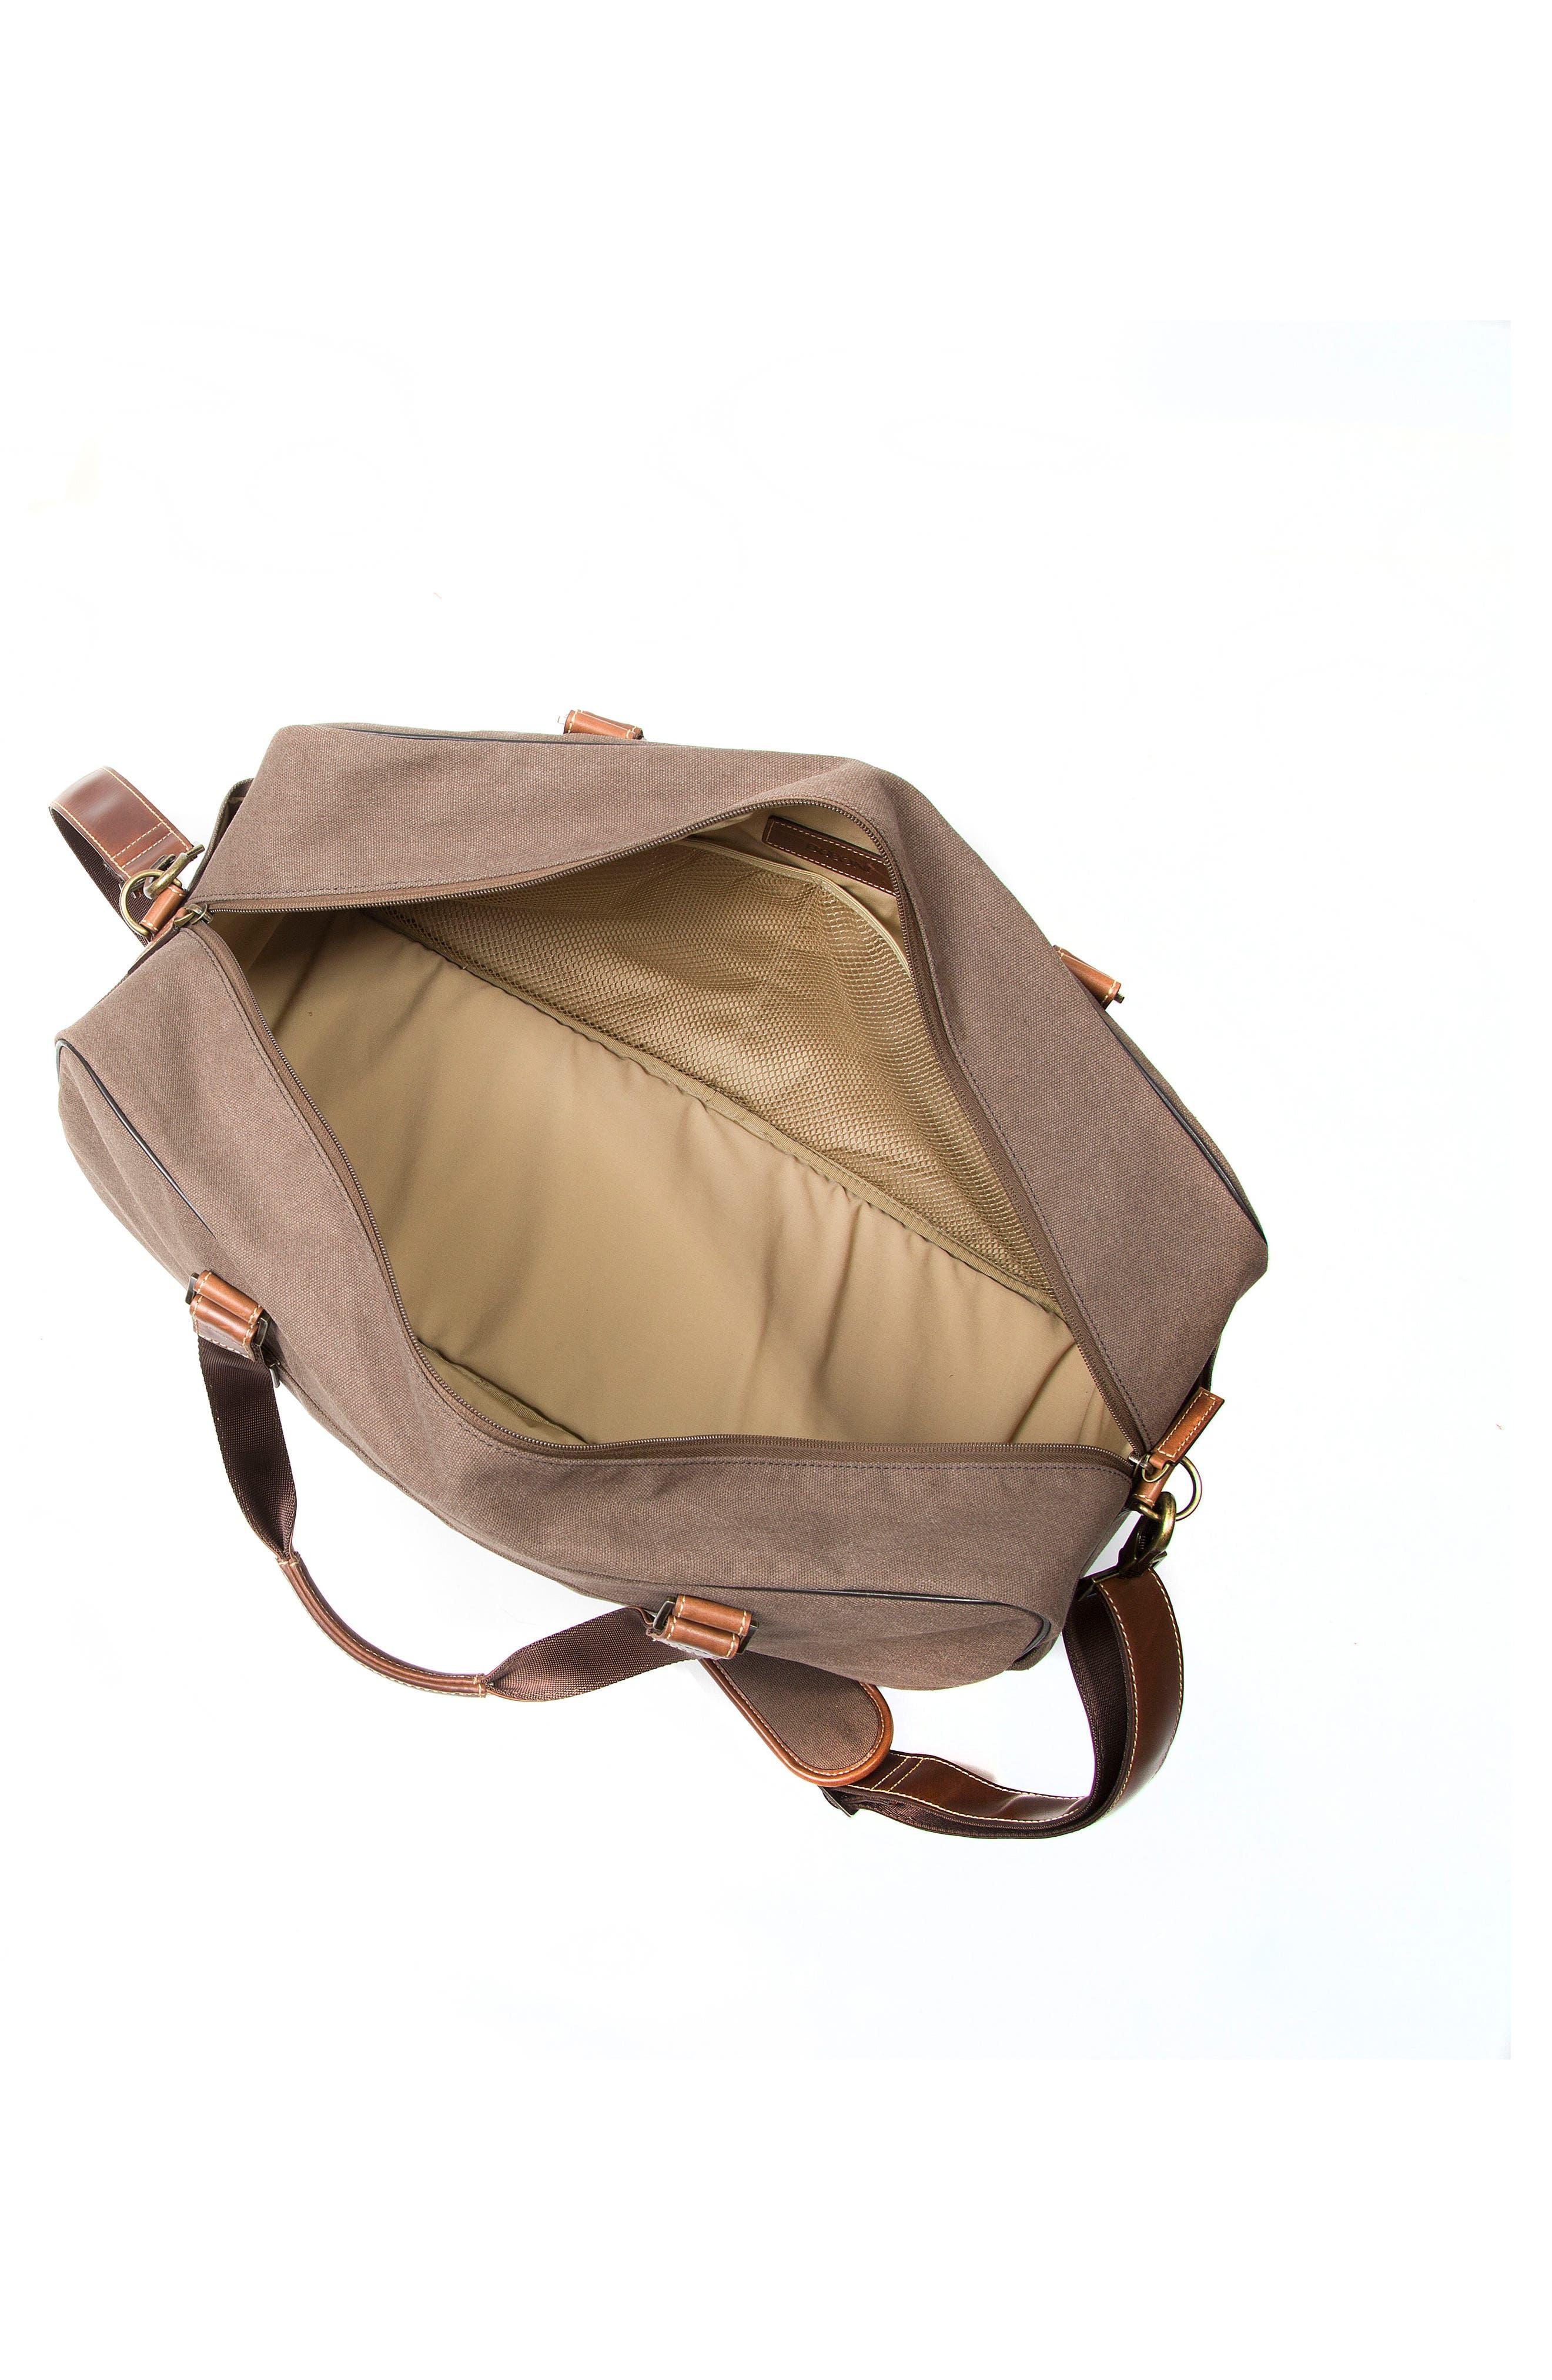 Bryant LTE Getaway Duffel Bag,                             Alternate thumbnail 6, color,